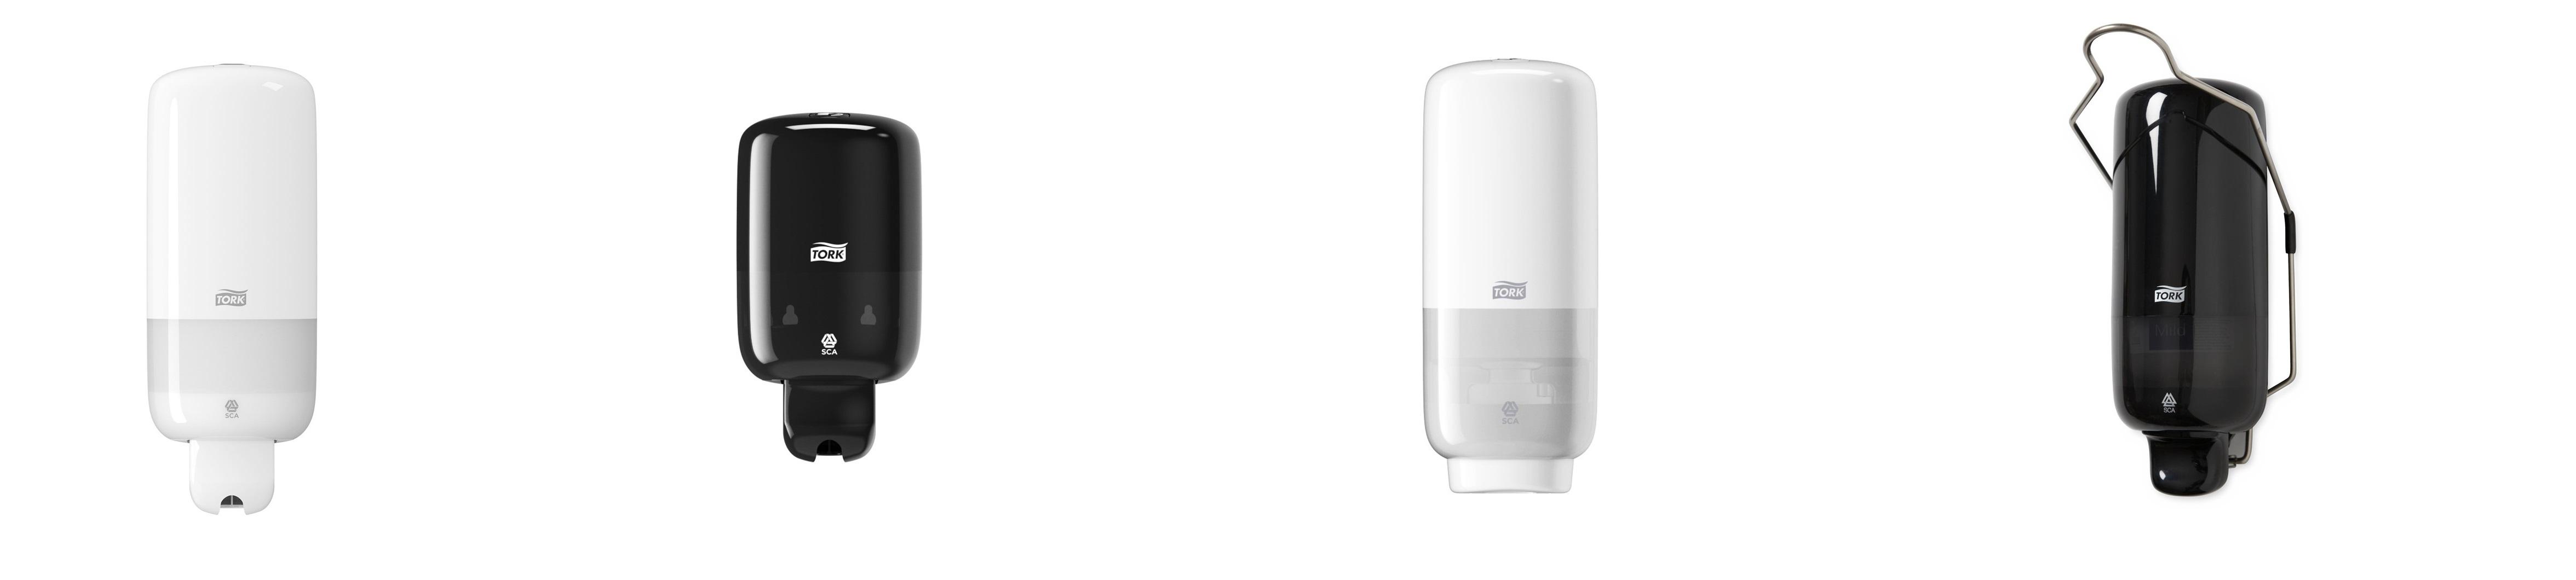 Tork 561600 Dispensador para Jab/ón en Espuma con Sensor Intuition Dosificador Elevation compatible con el sistema S4 Blanco